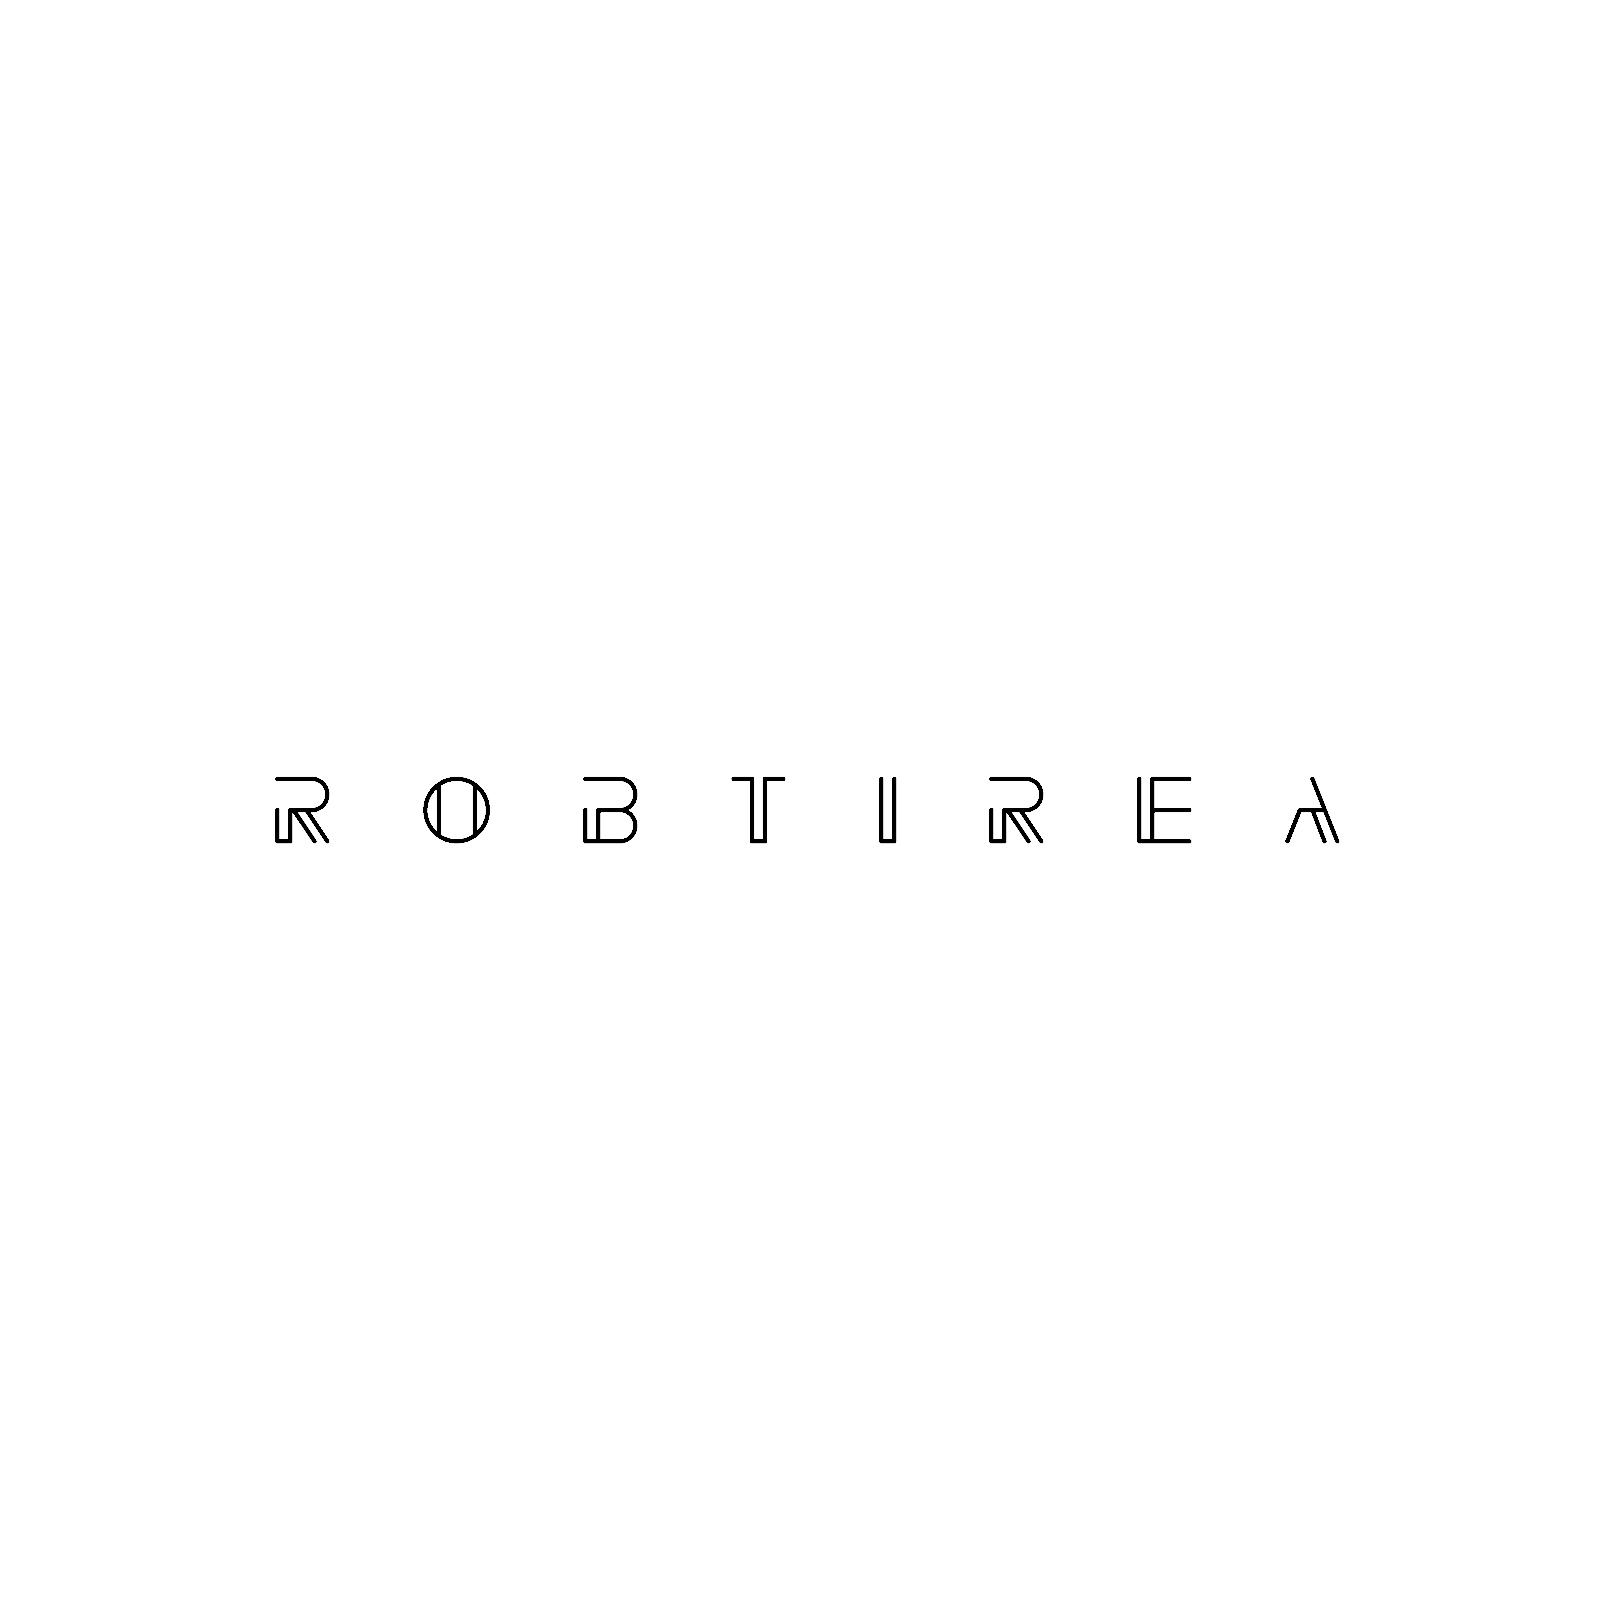 ROB TIREA LOGO 1.png